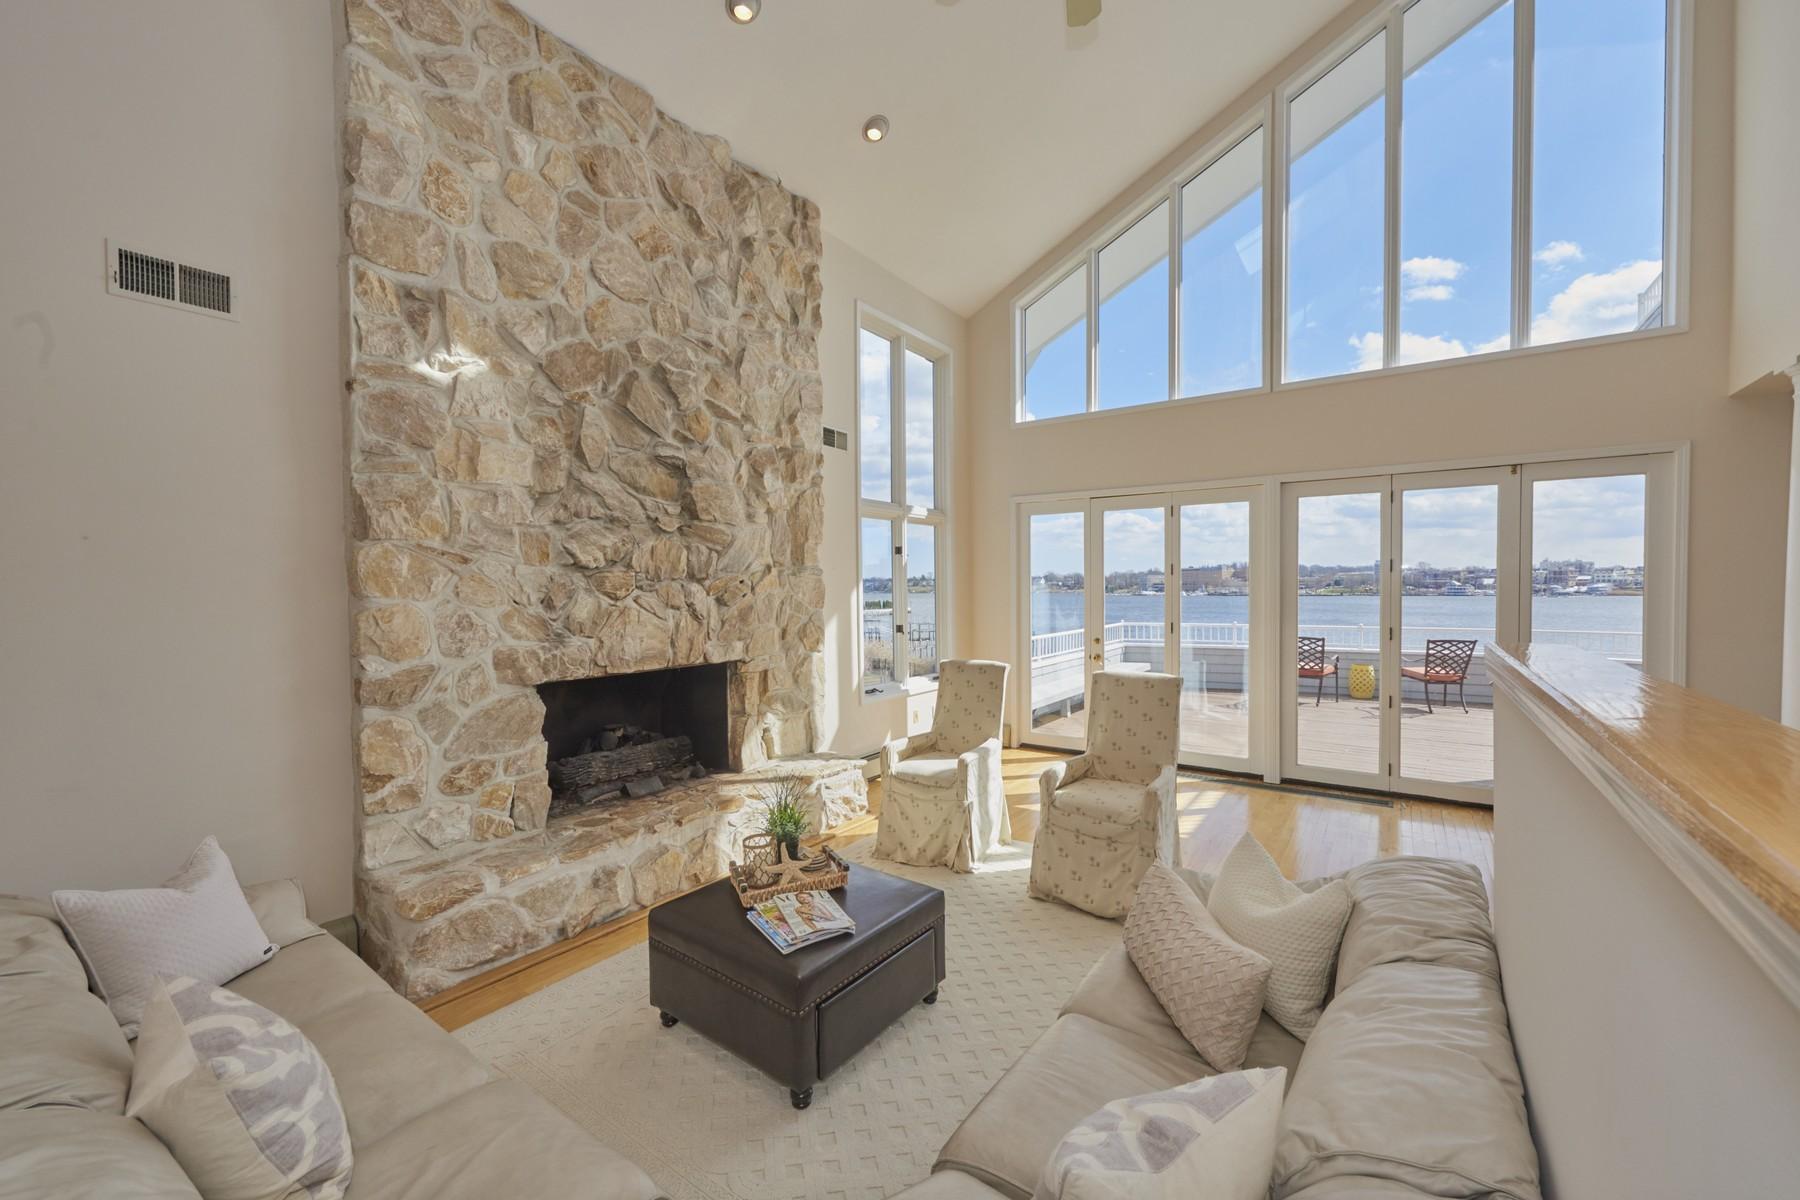 Частный односемейный дом для того Продажа на Calming Waters 114 Conover Lane Middletown, Нью-Джерси 07748 Соединенные Штаты